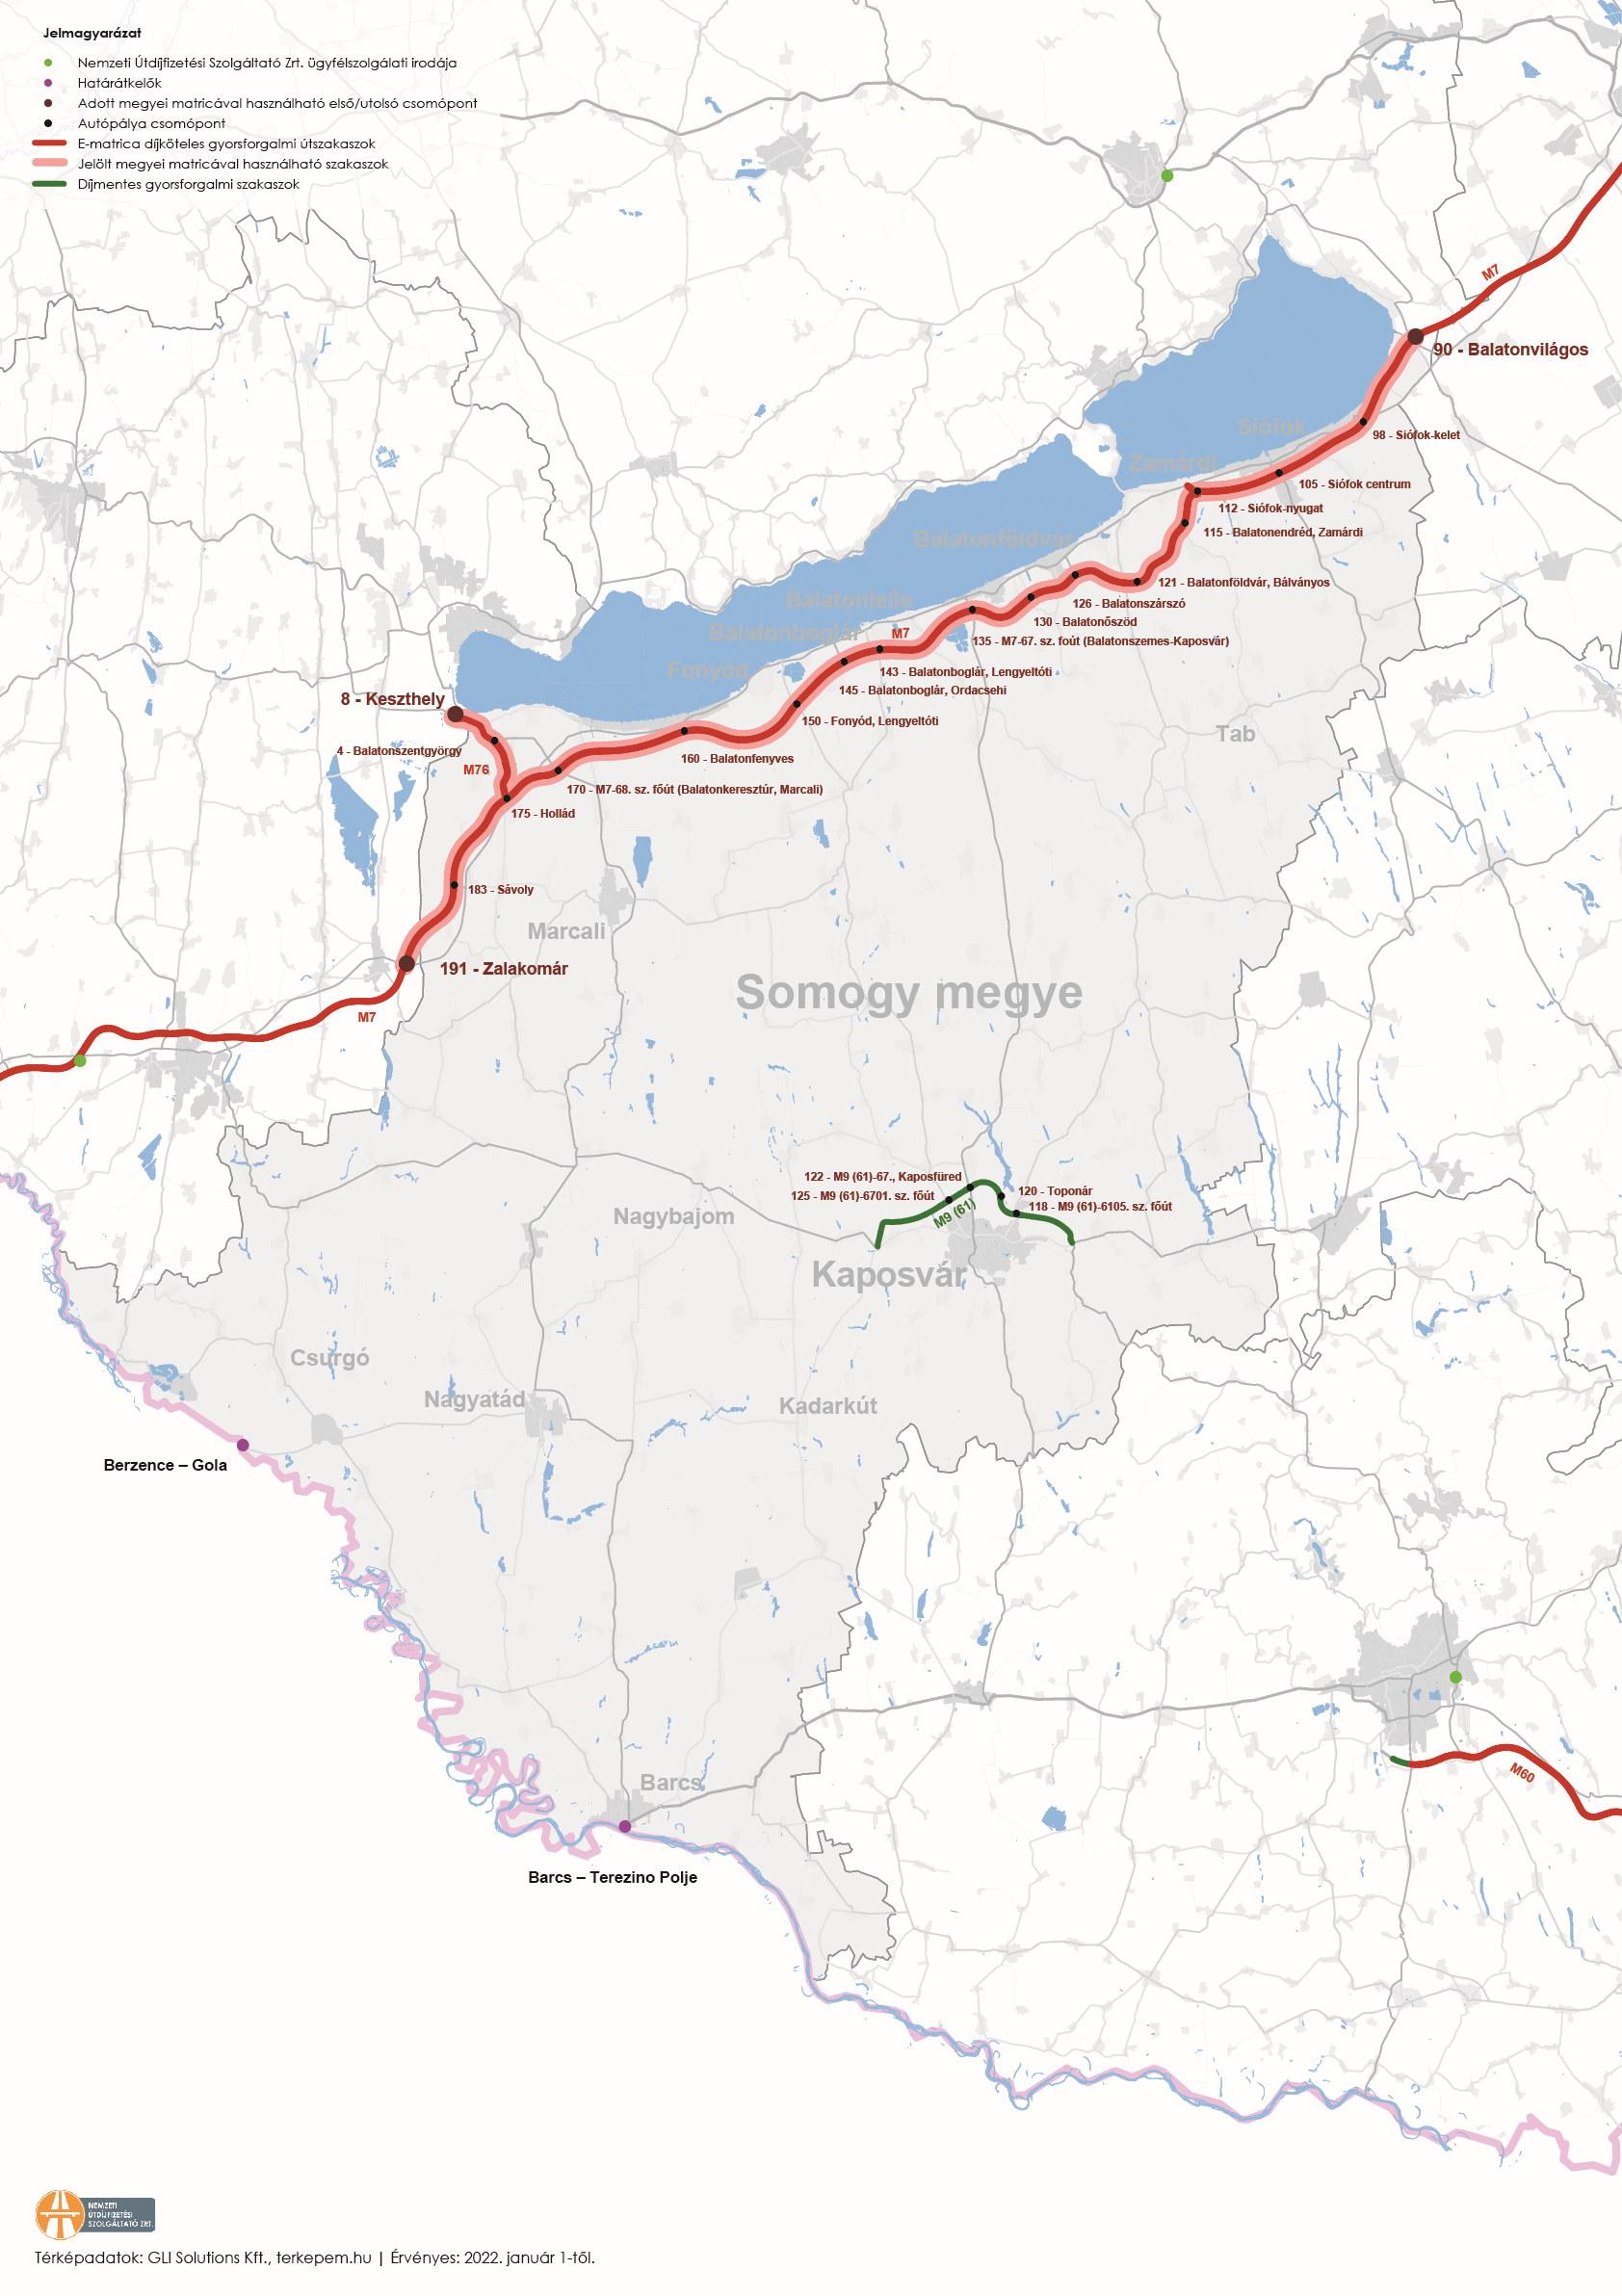 Somogy megye úthálózatának térképe